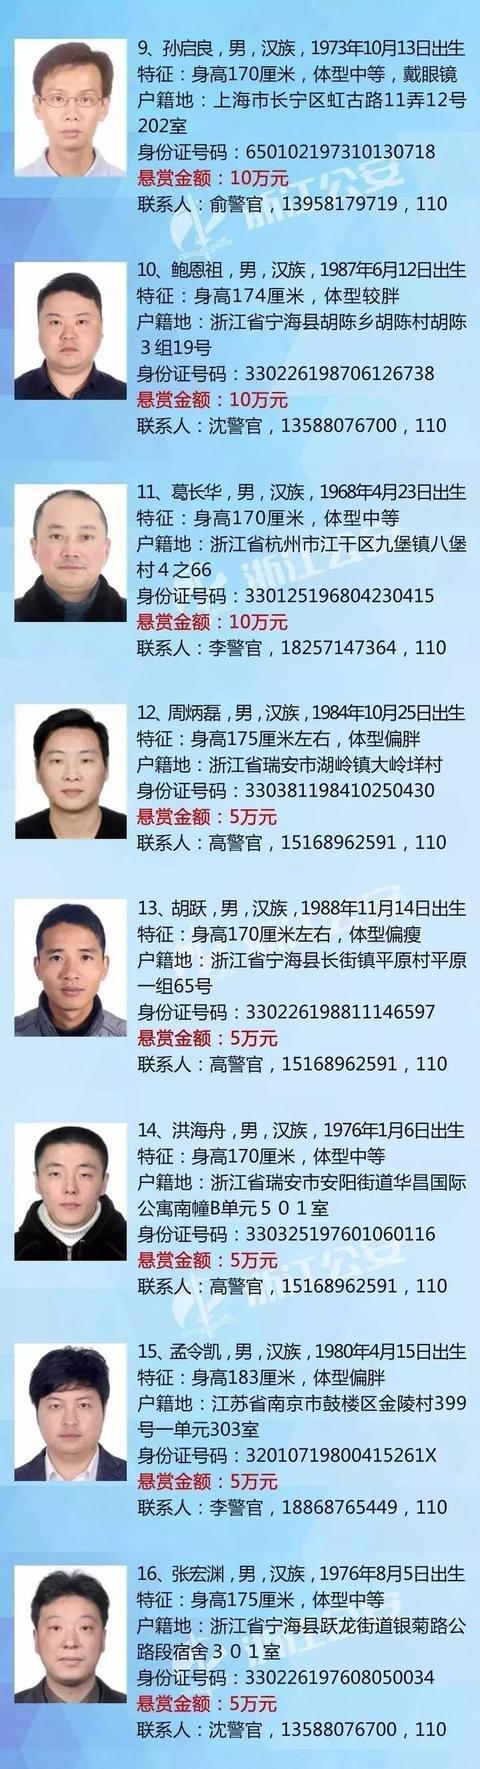 又一名悬赏通缉犯落网 24名悬赏通缉犯已逮捕4人3